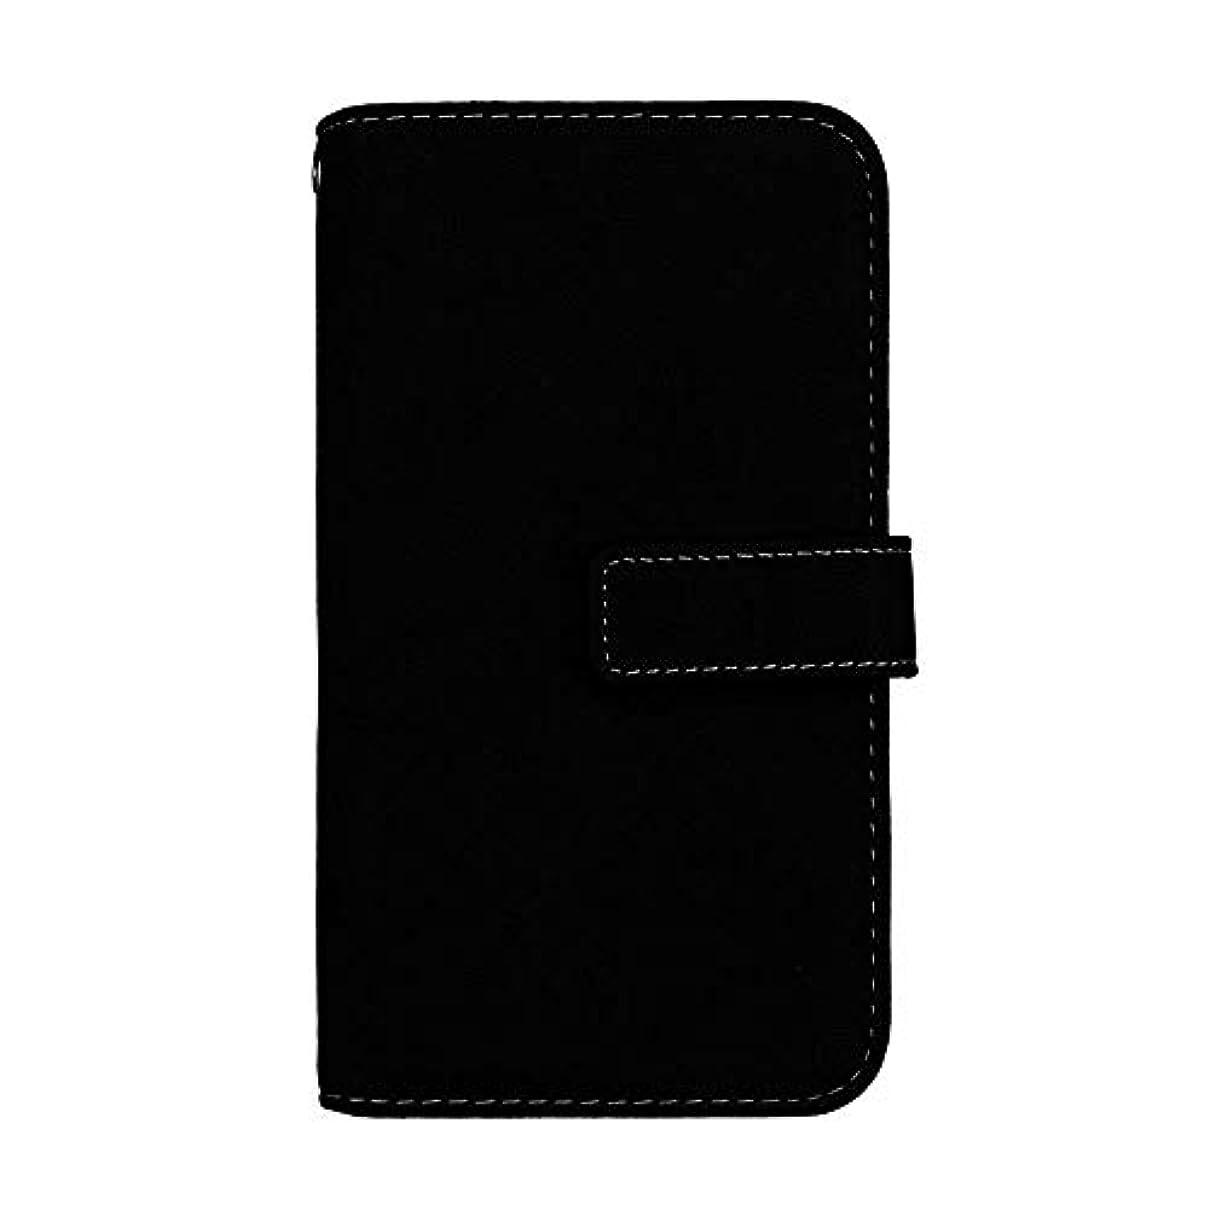 劇作家クロール十Galaxy J2 Pro 2018 高品質 マグネット ケース, CUNUS 携帯電話 ケース 軽量 柔軟 高品質 耐摩擦 カード収納 カバー Samsung Galaxy J2 Pro 2018 用, ブラック